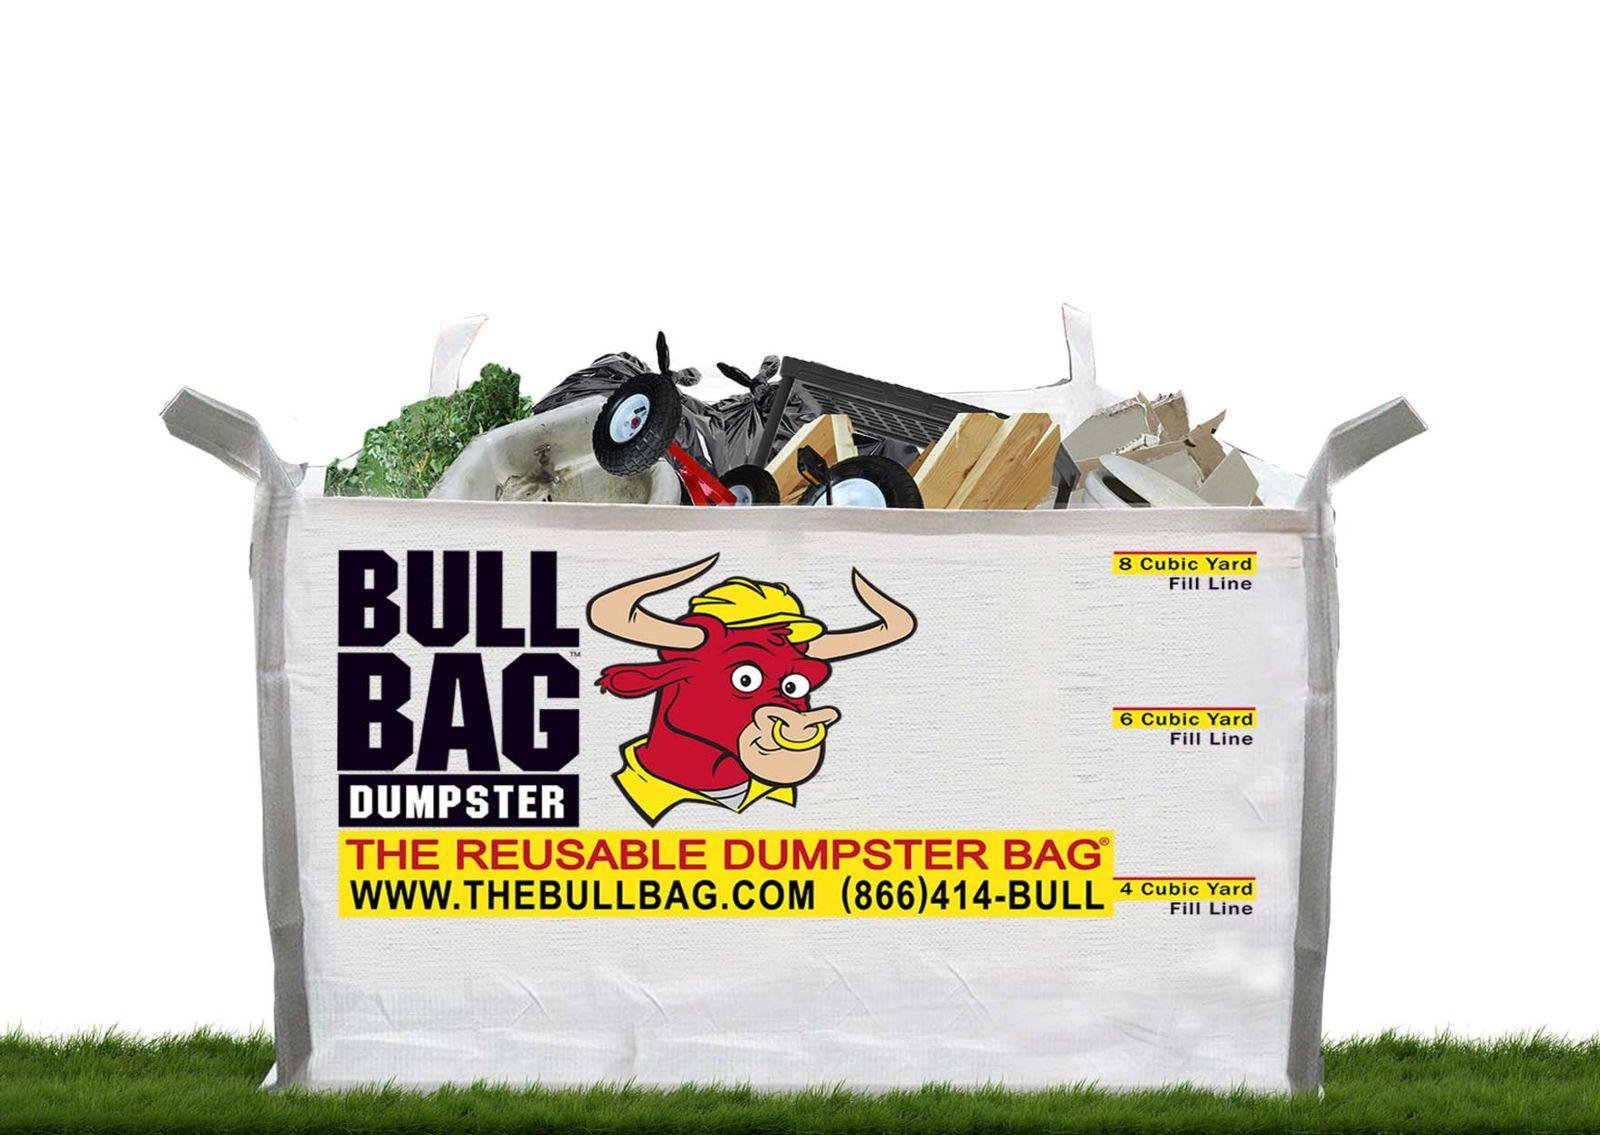 The Bull Bag